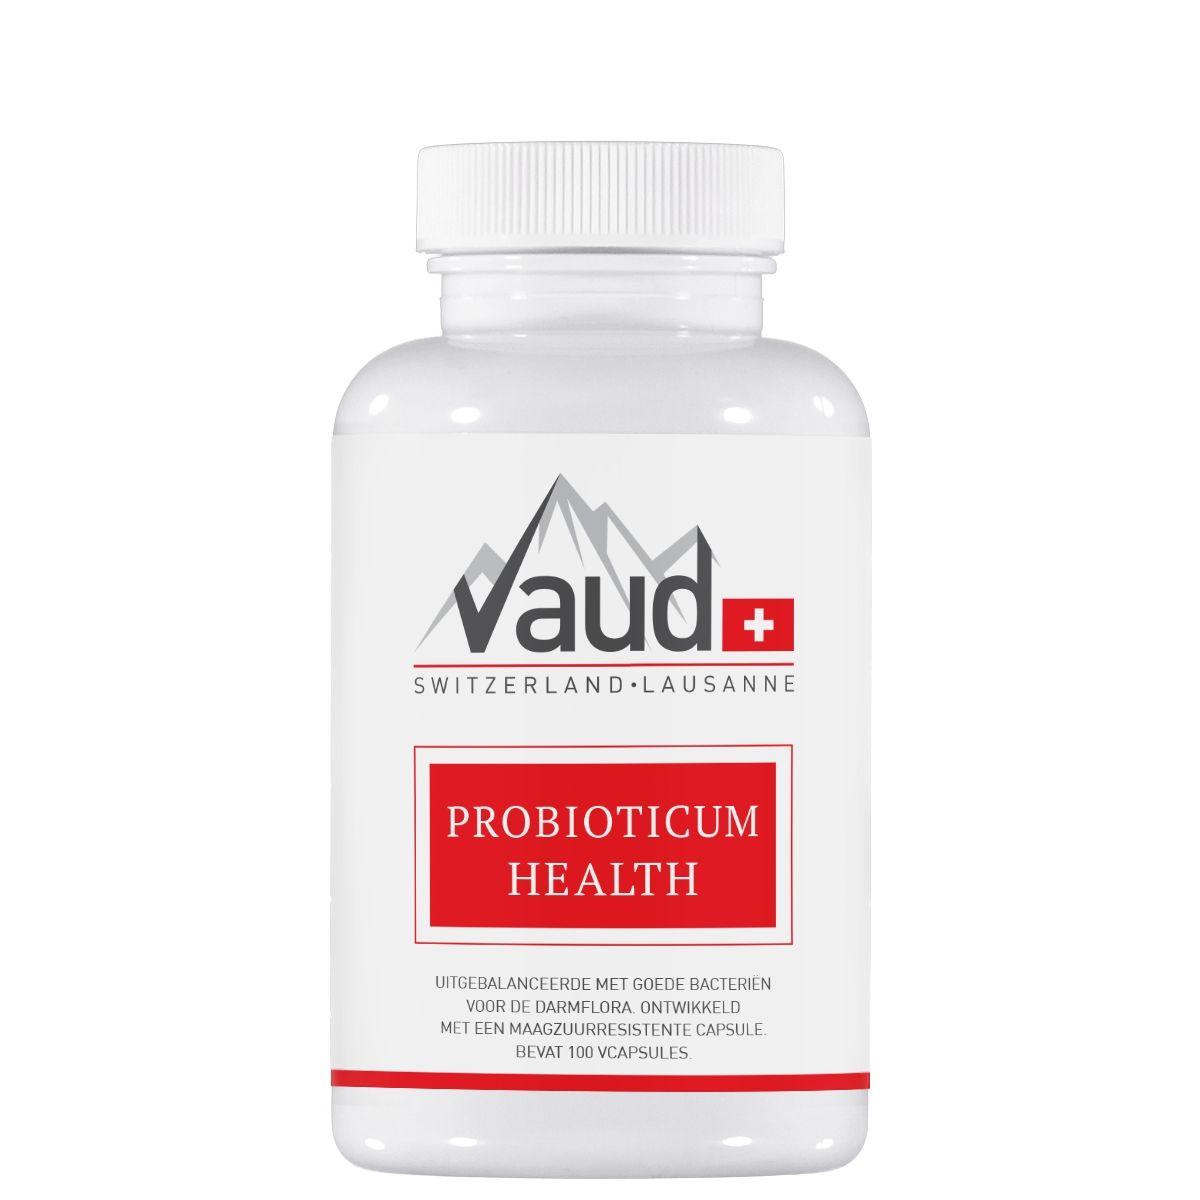 Probioticum health voor de darmflora